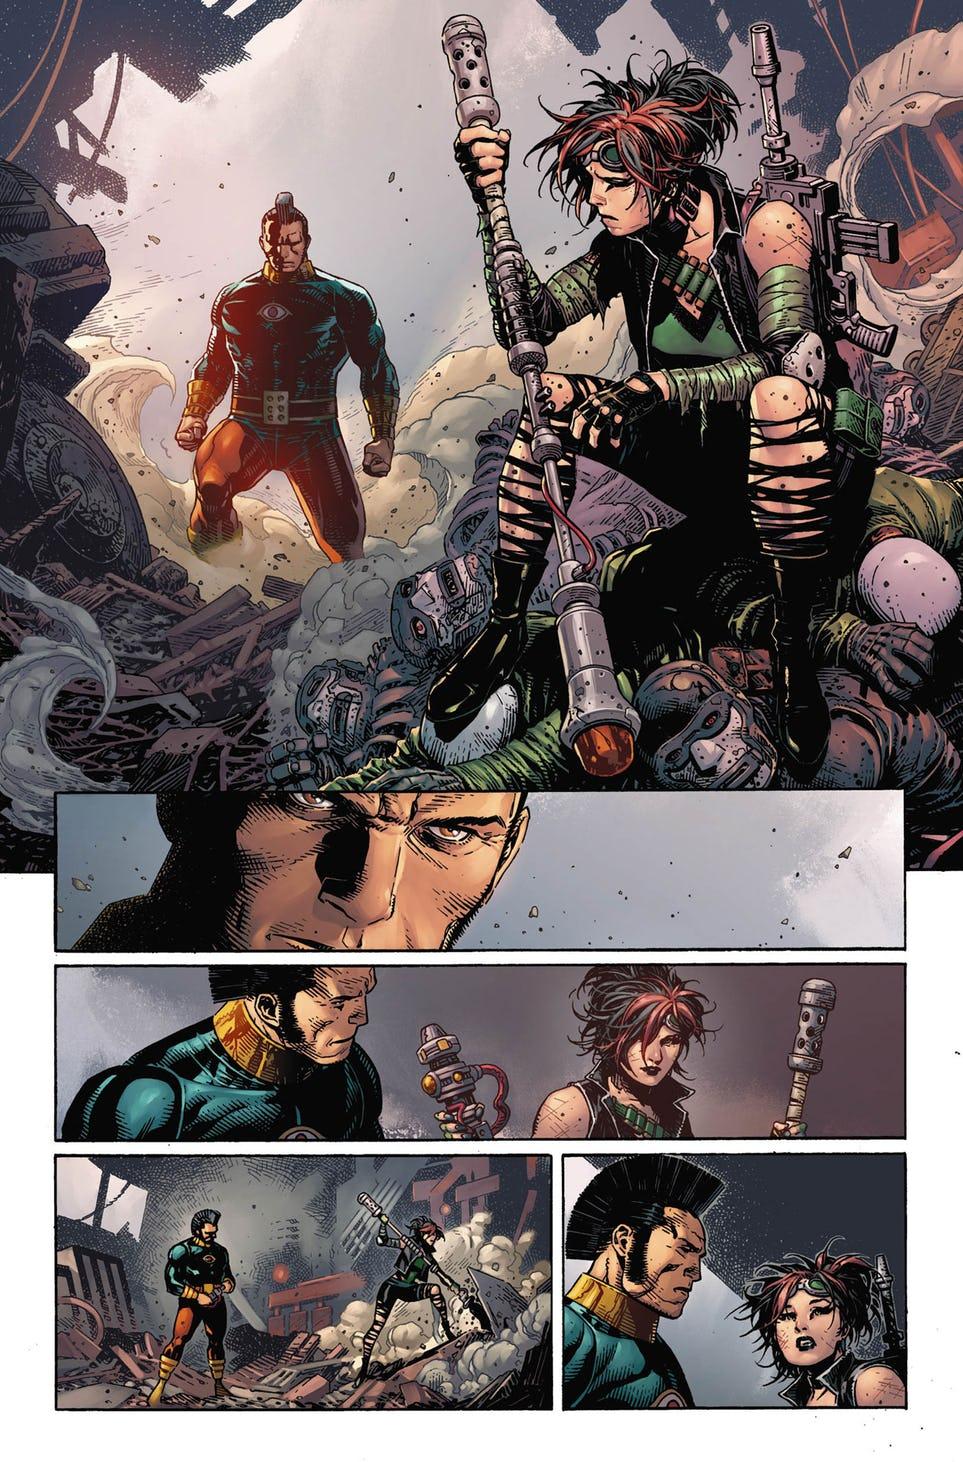 Legion of Super-Heroes: Millennium #1, anteprima 05